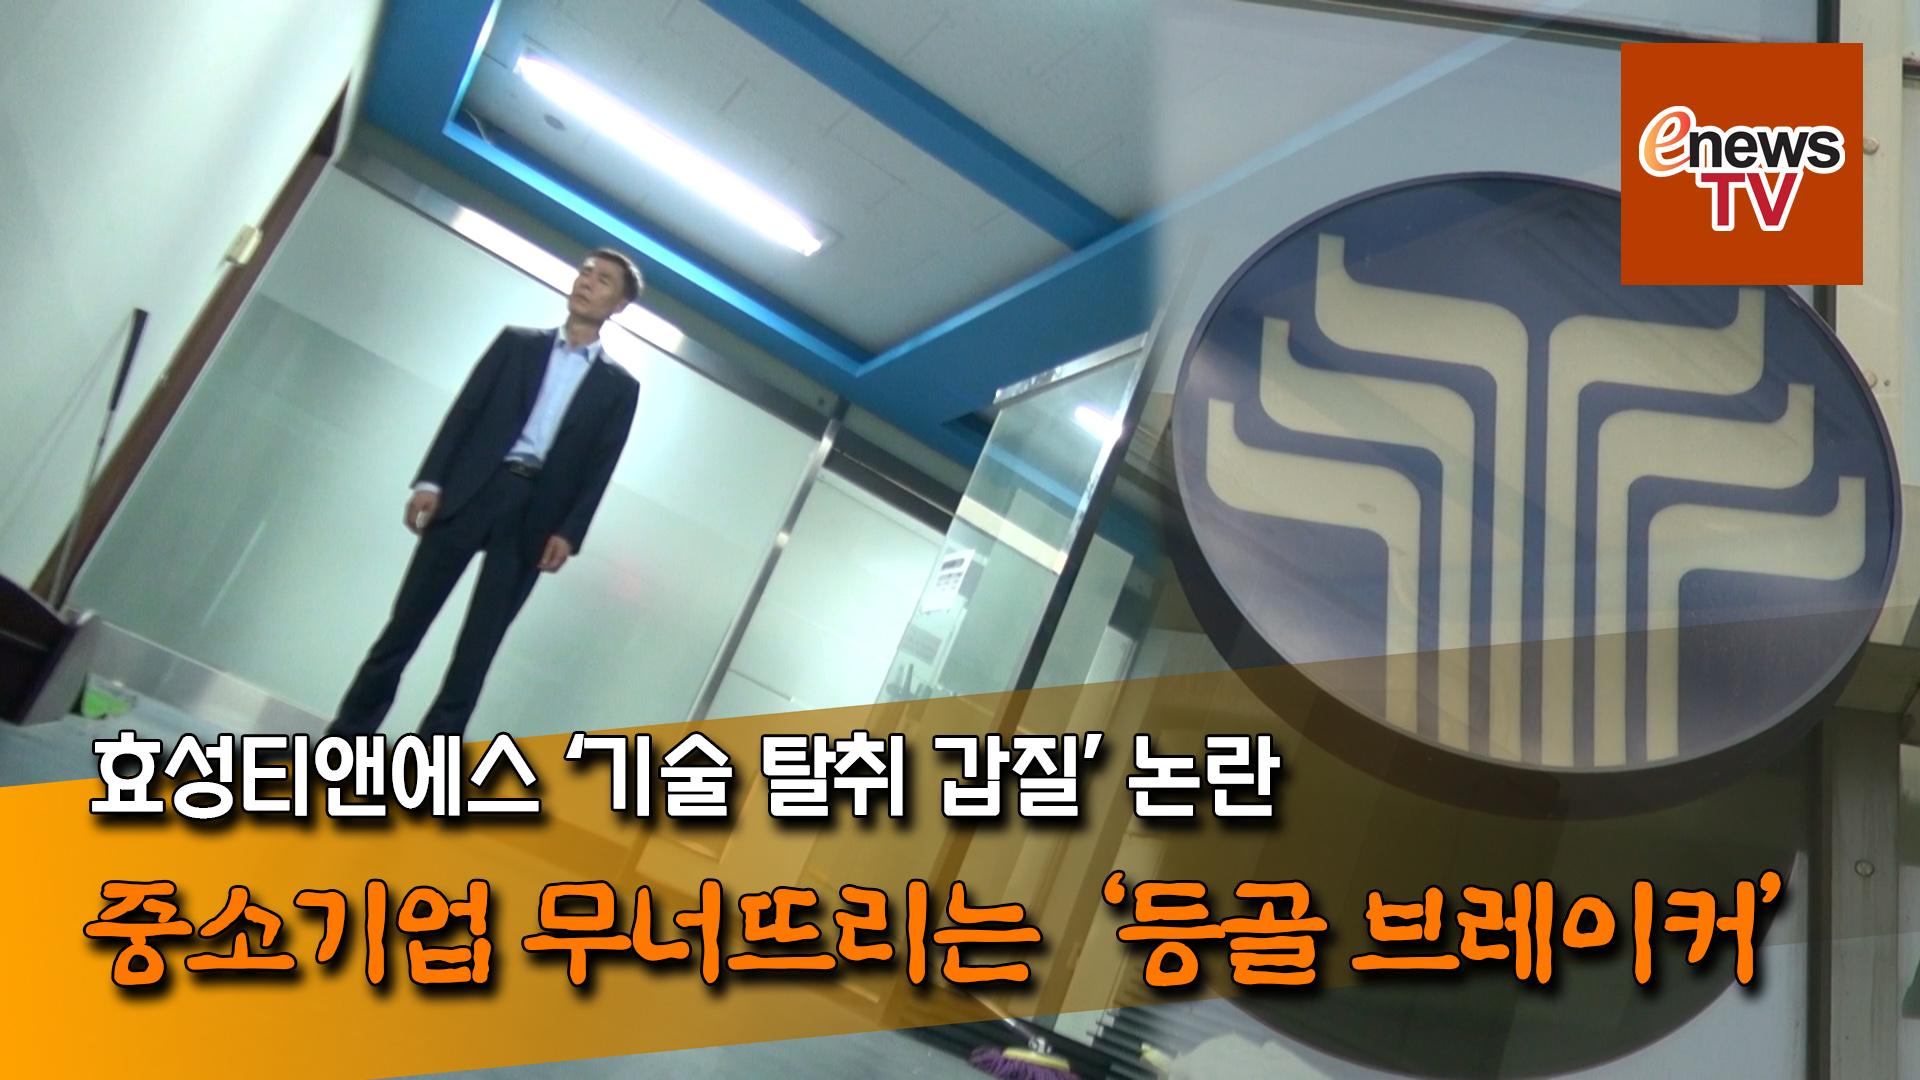 [육甲박살] 효성티앤에스 '기술 탈취 갑질' 논란…중소기업 무너뜨리는 '등골 브레이커'